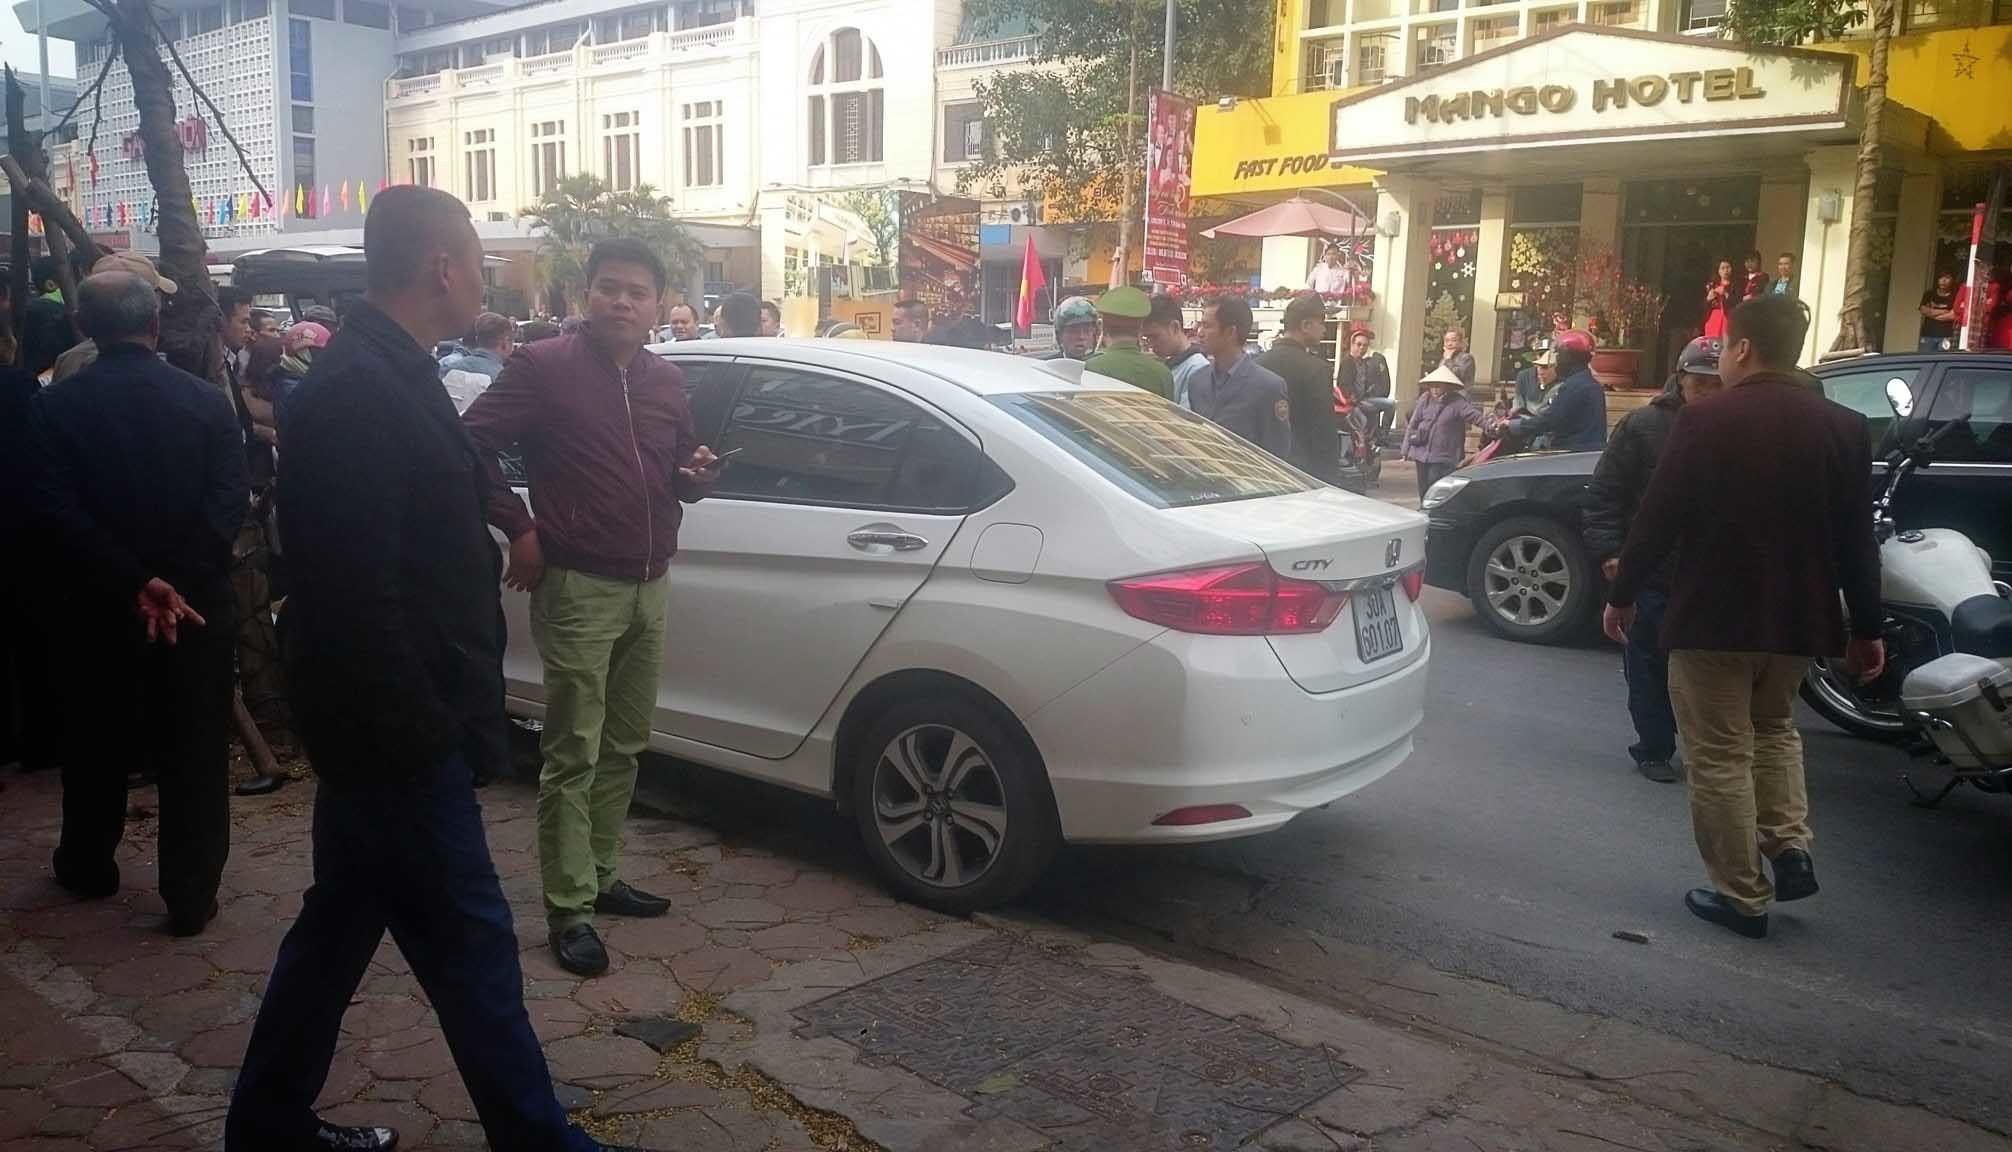 Hà Nội: Ô tô gây tai nạn liên hoàn ngày mùng 6 Tết